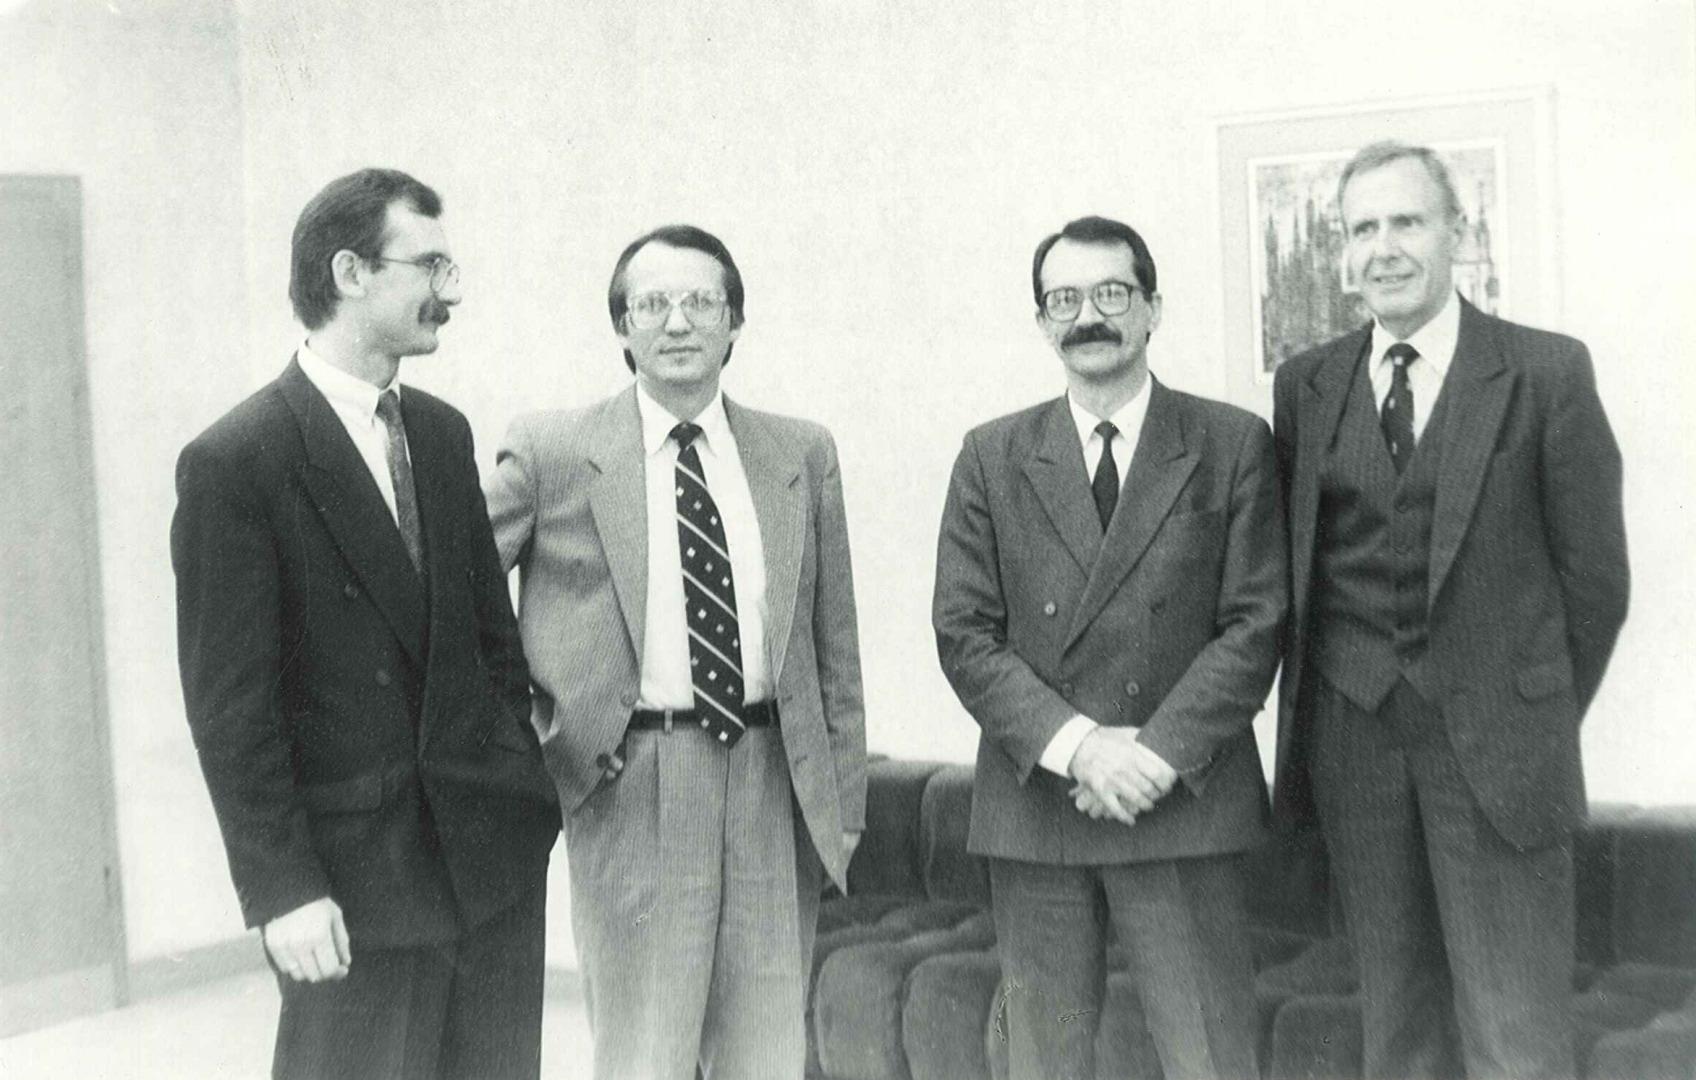 Lietuvos centro judėjimo nariai Egidijus Bičkauskas, Mečys Laurinkus, Romualdas Ozolas ir Kazimieras Motieka. 1992 m., Vilnius.   archyvai.lt, K. Motiekos šeimos archyvo nuotr.